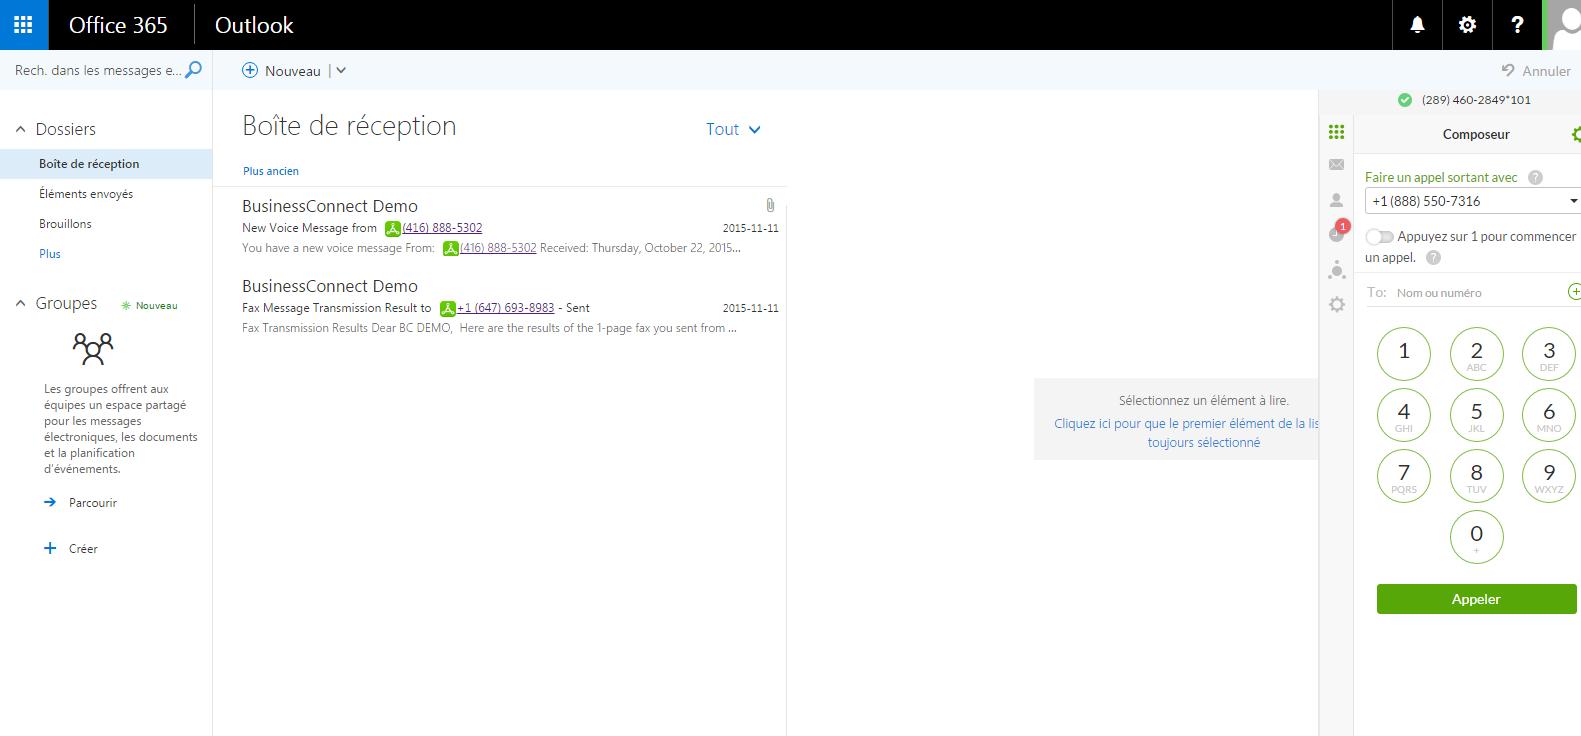 Intégration à Office 365